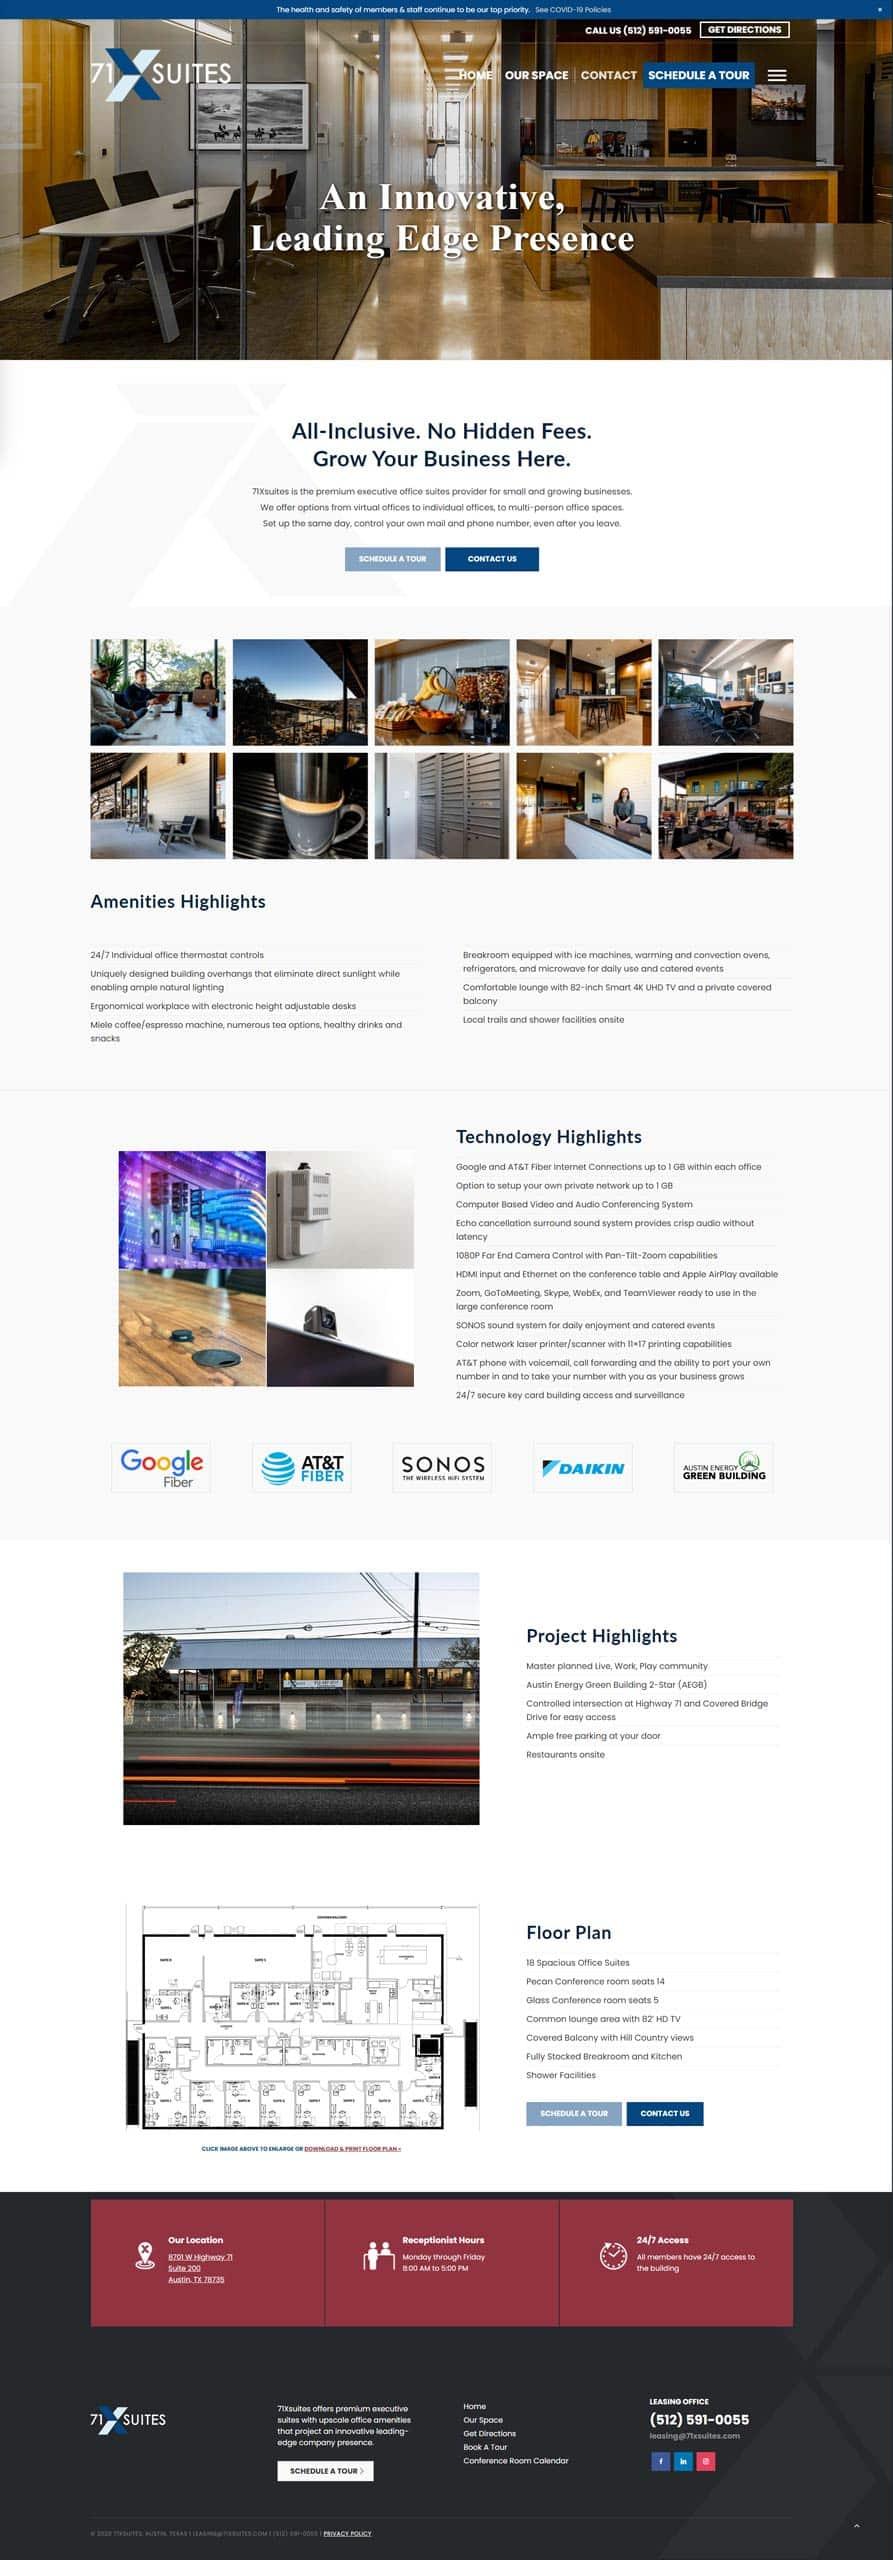 71xsuites desktop web design